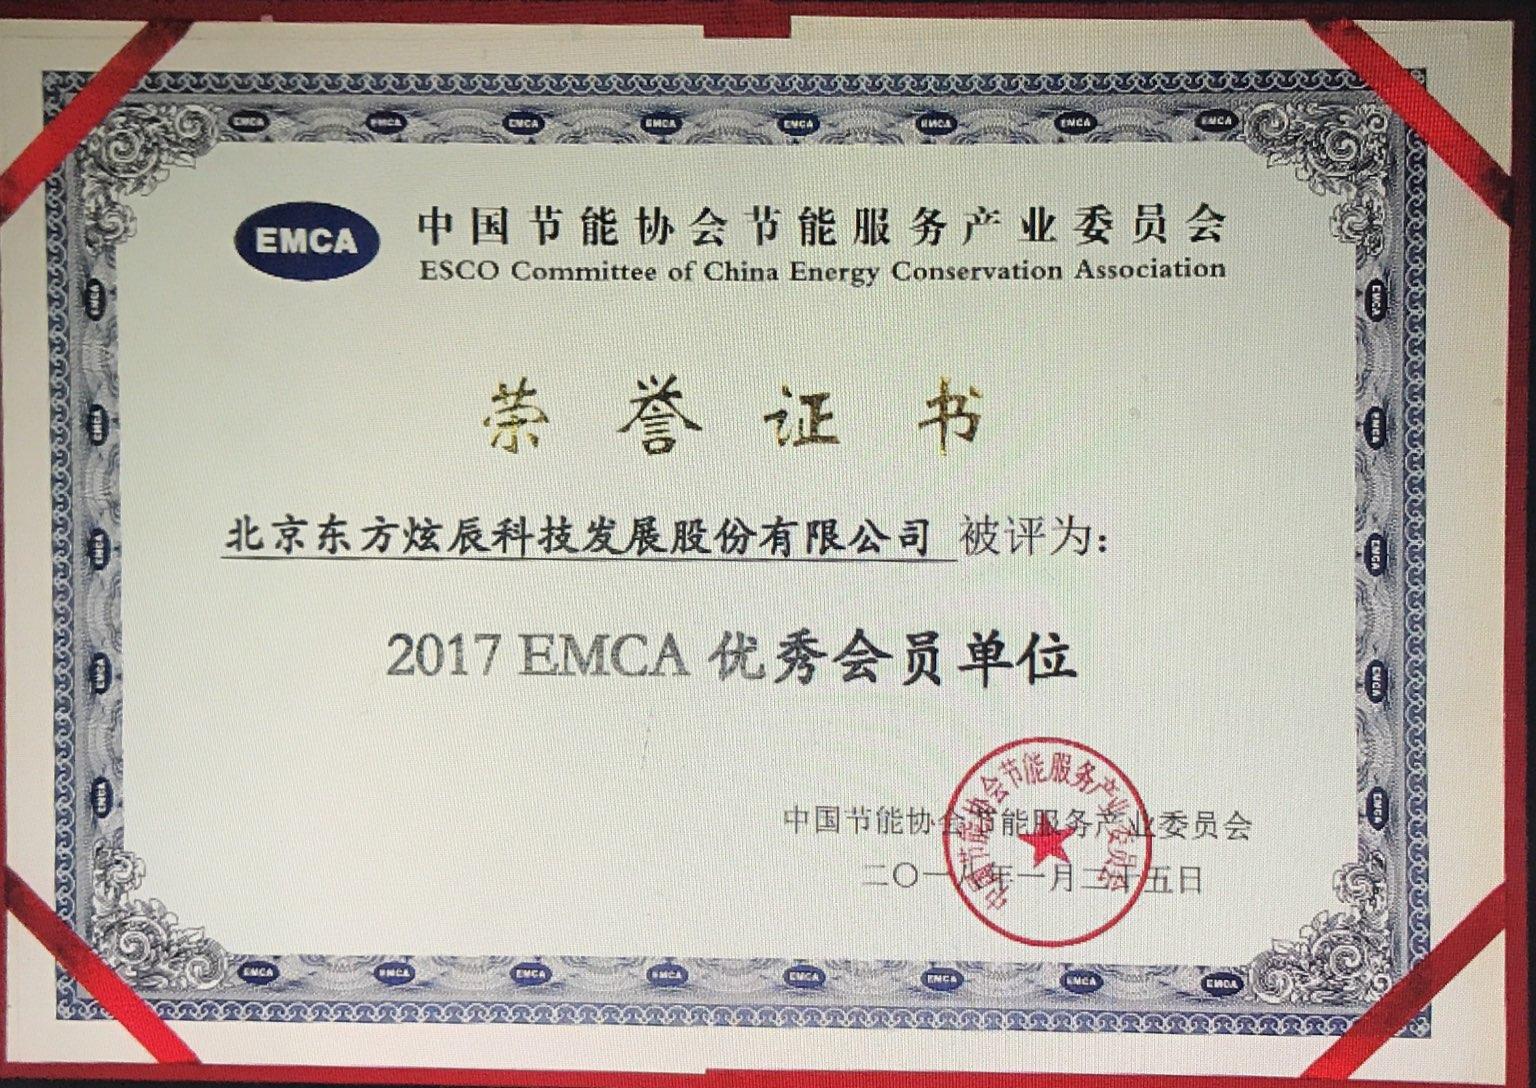 节能协会荣誉证书